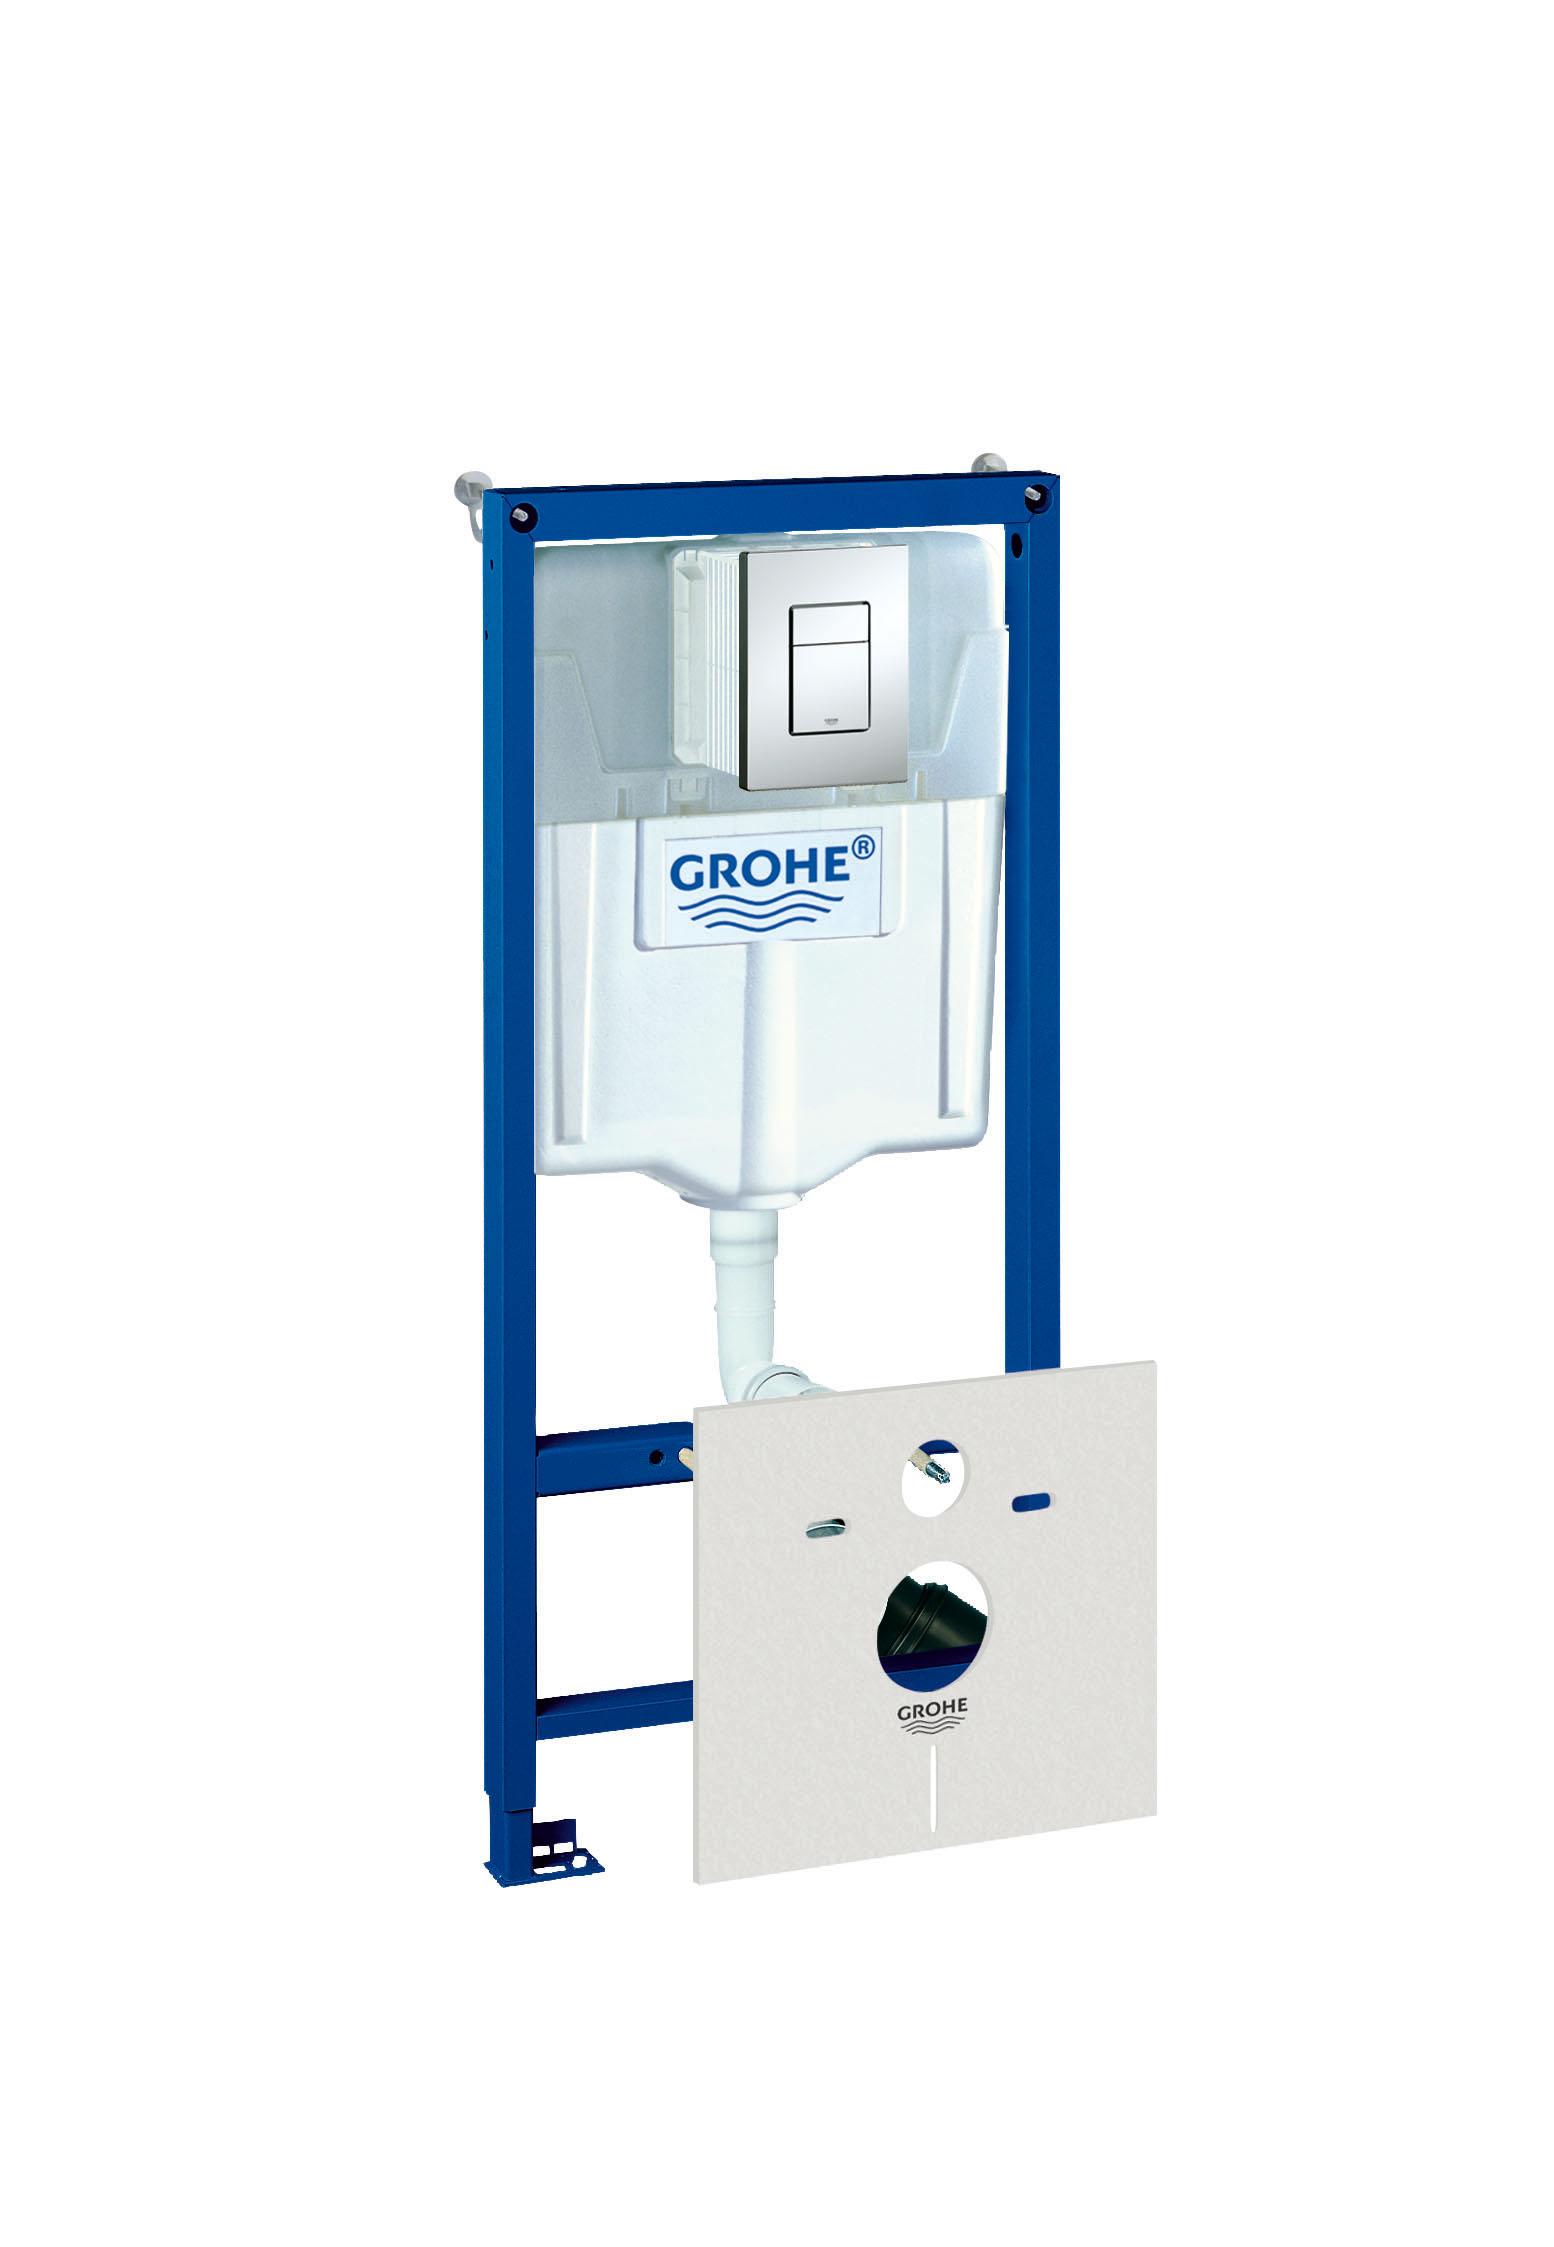 Инсталляция для унитаза Grohe Rapid sl 4 в 1 38775001 инсталляция grohe rapid sl 38840000 для подвесного унитаза